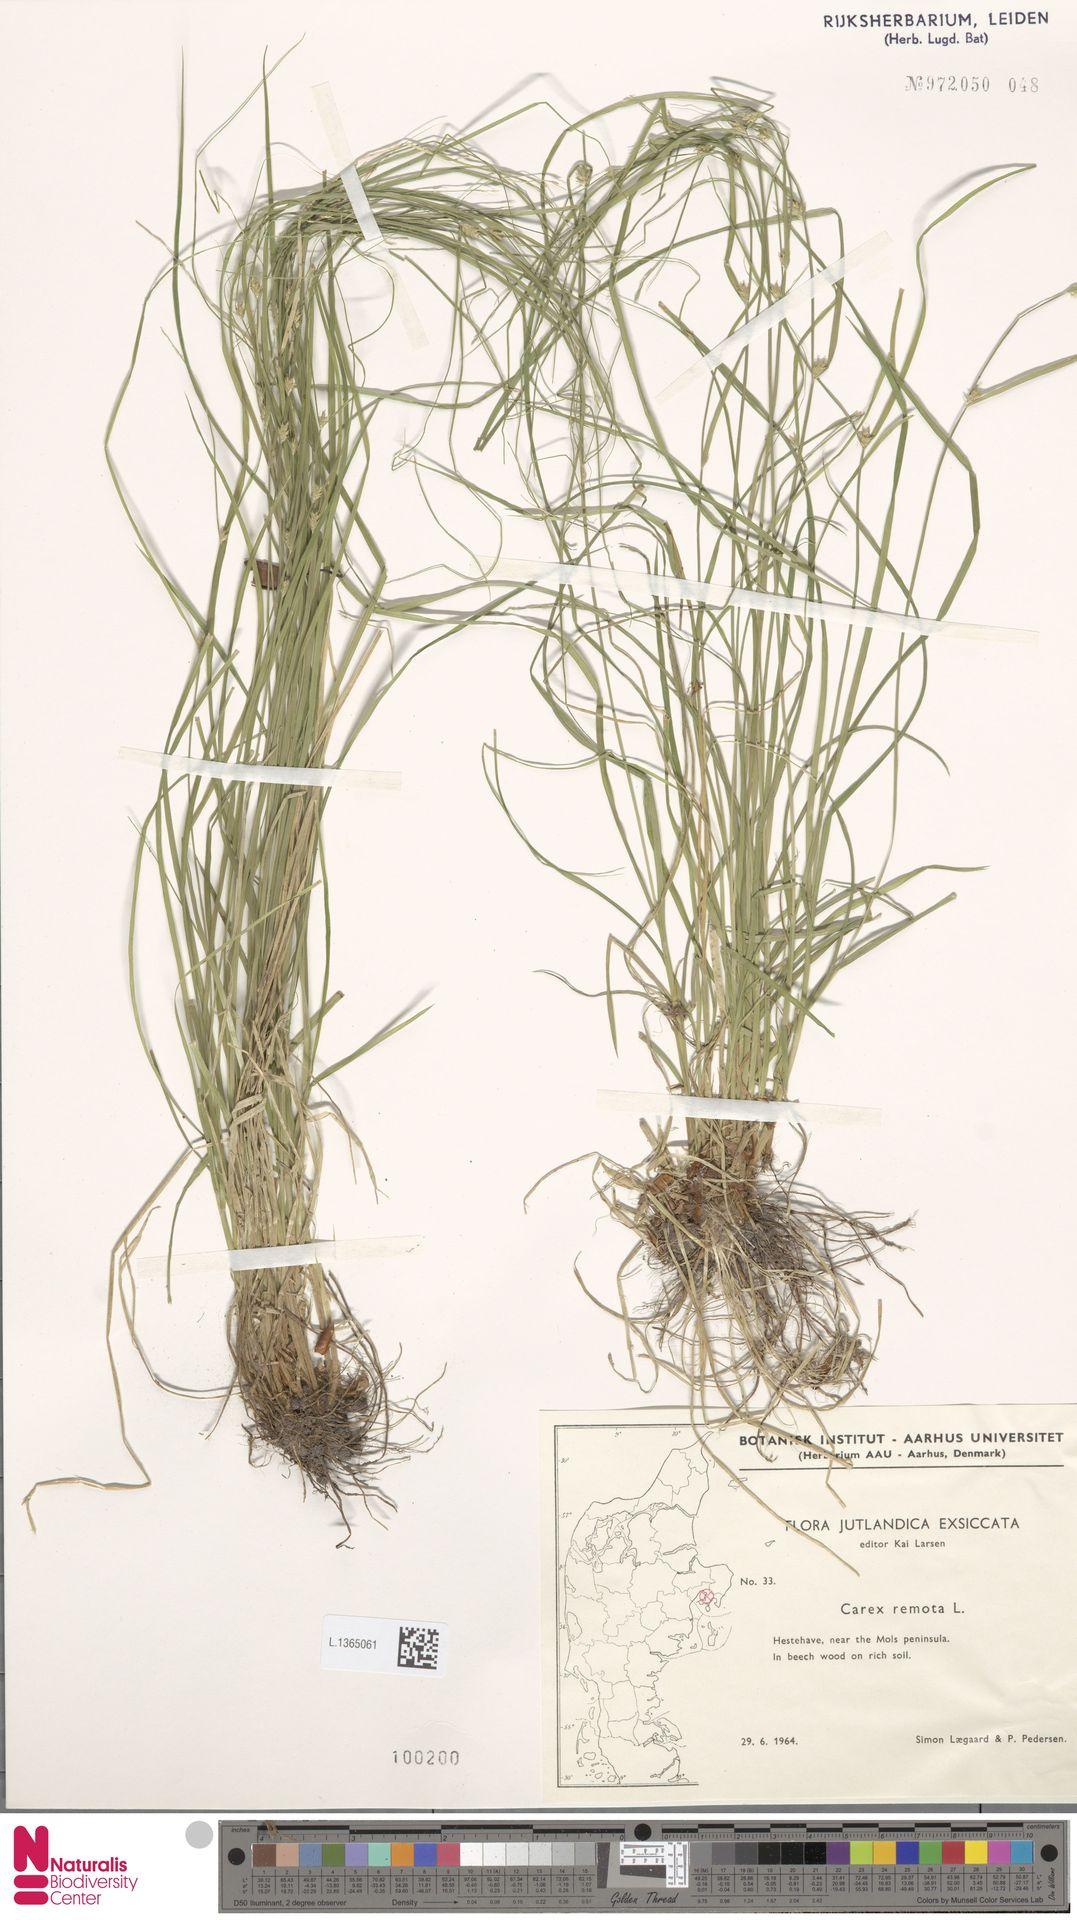 L.1365061 | Carex remota L.